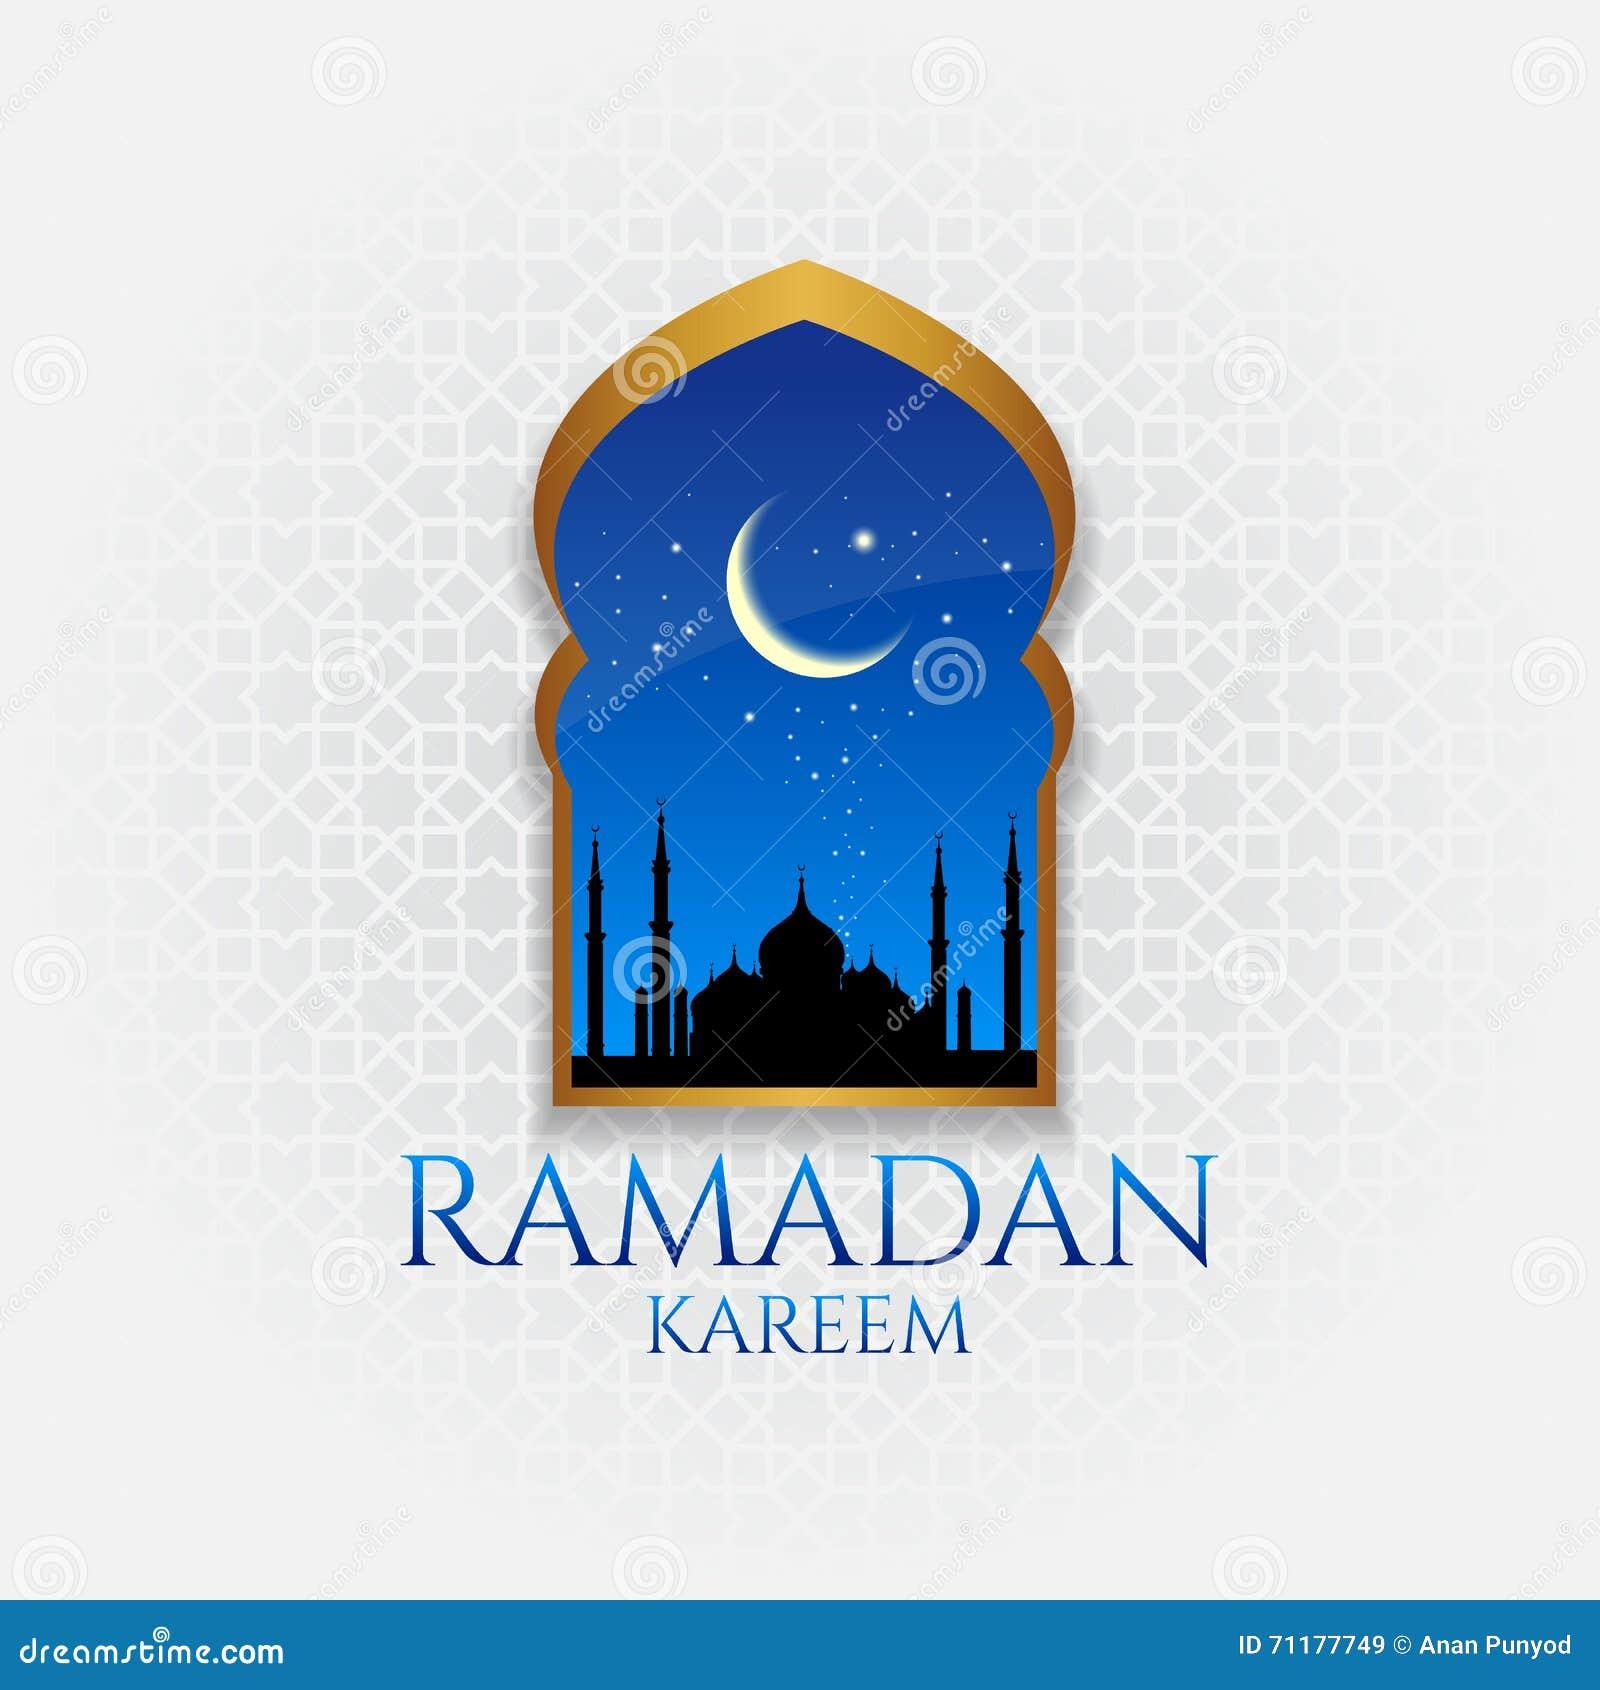 Ramadan kareem - złocisty drzwi, księżyc i gwiazda przy noc wektorowym projektem